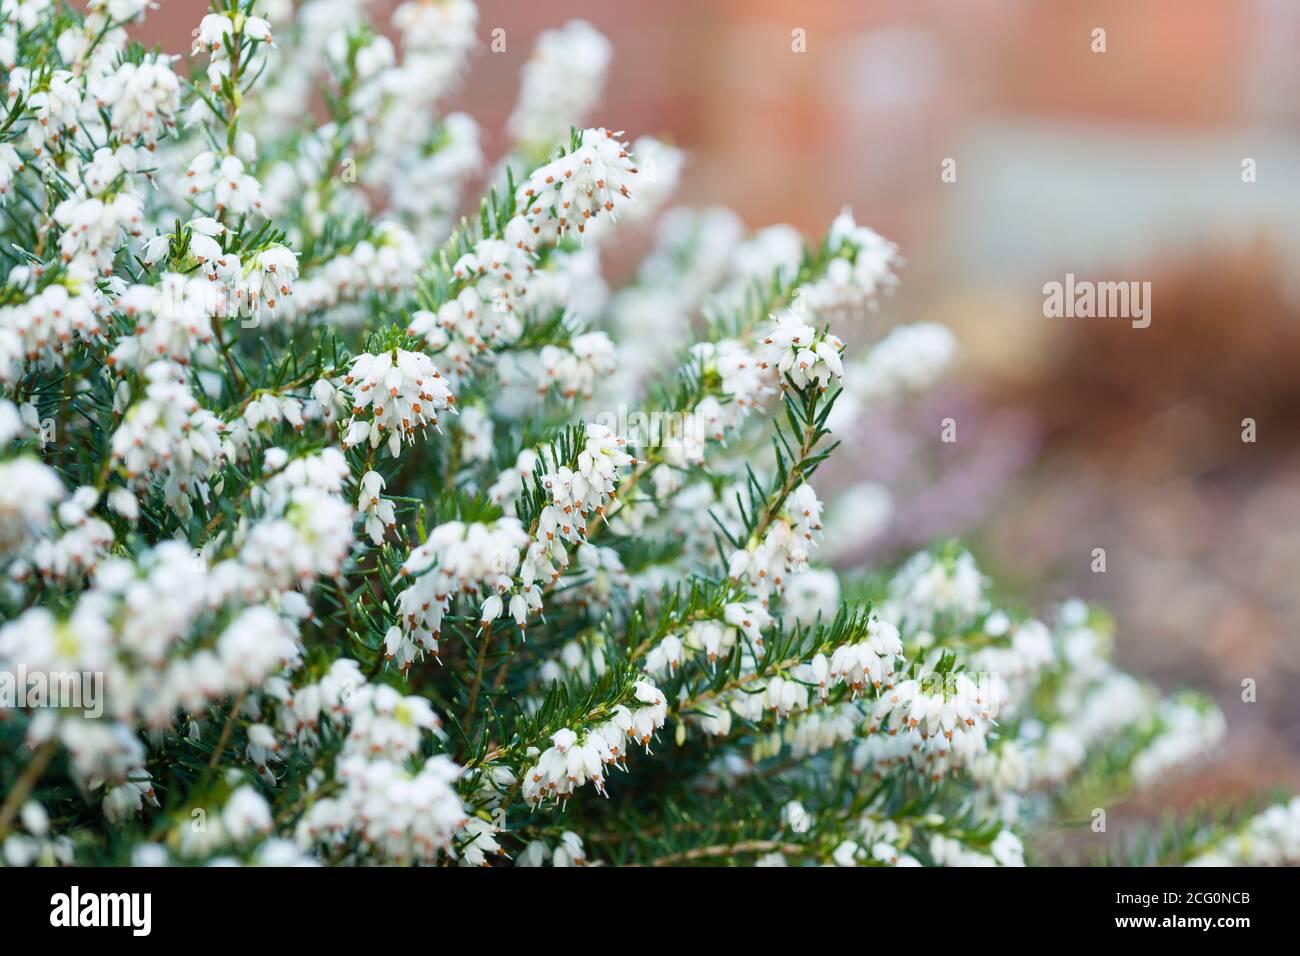 Invierno planta de brezo closeup, White Perfection, erica x darleyenis en una frontera del jardín, Reino Unido Foto de stock